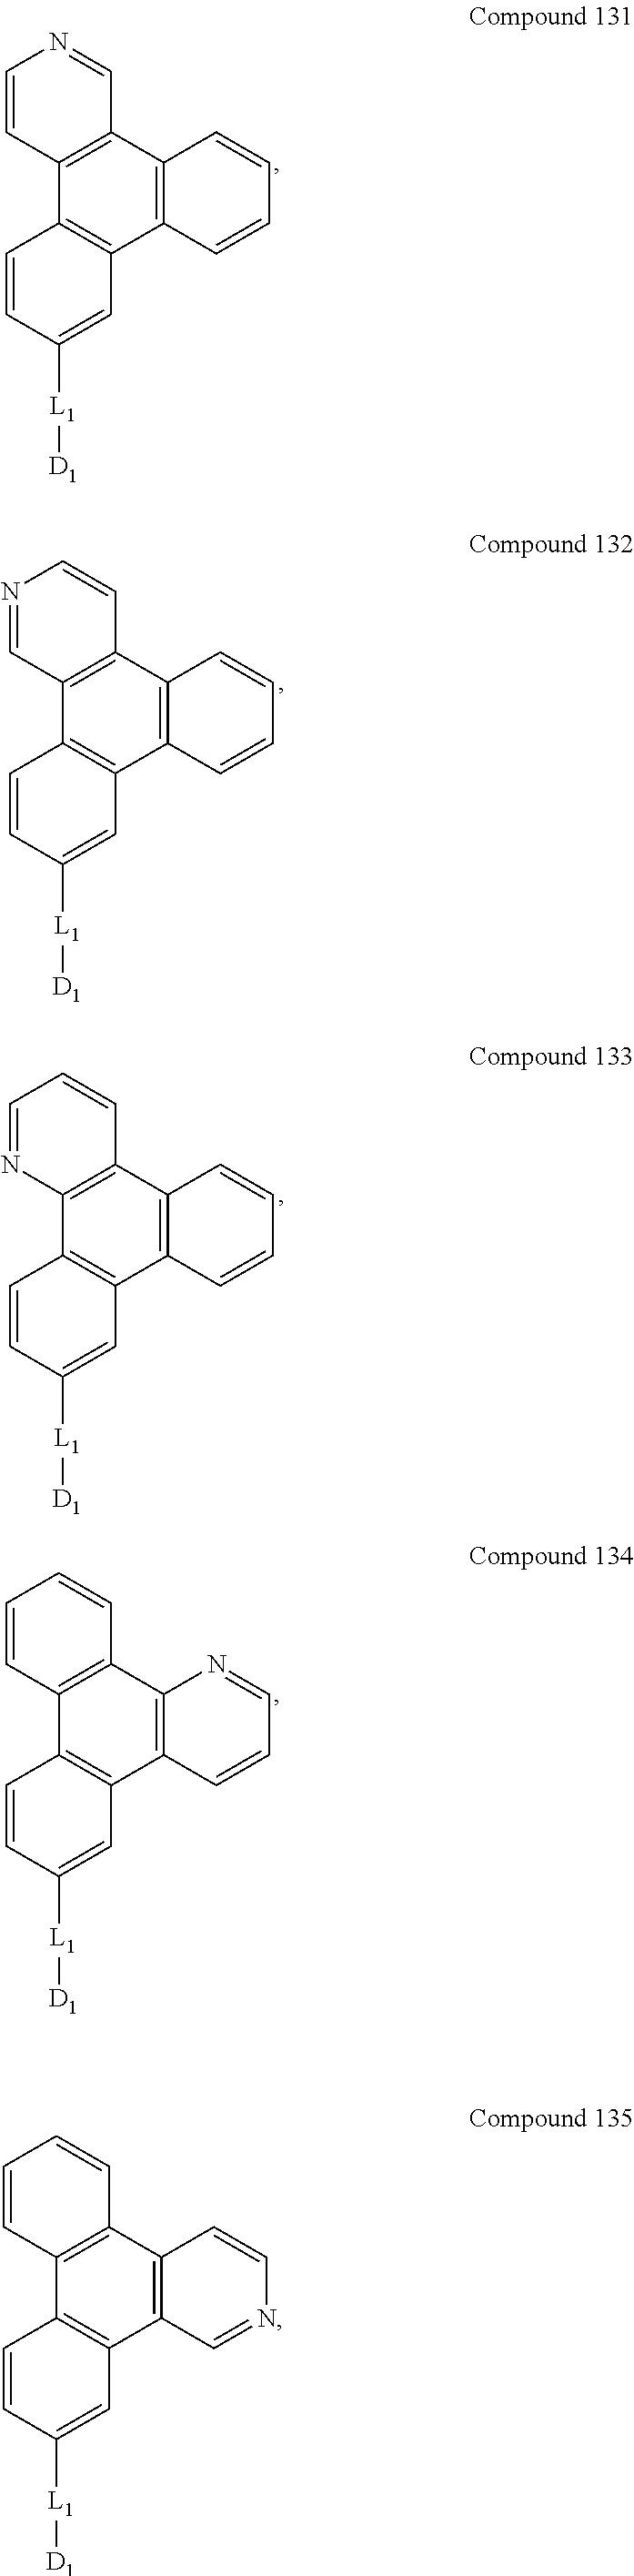 Figure US09537106-20170103-C00513